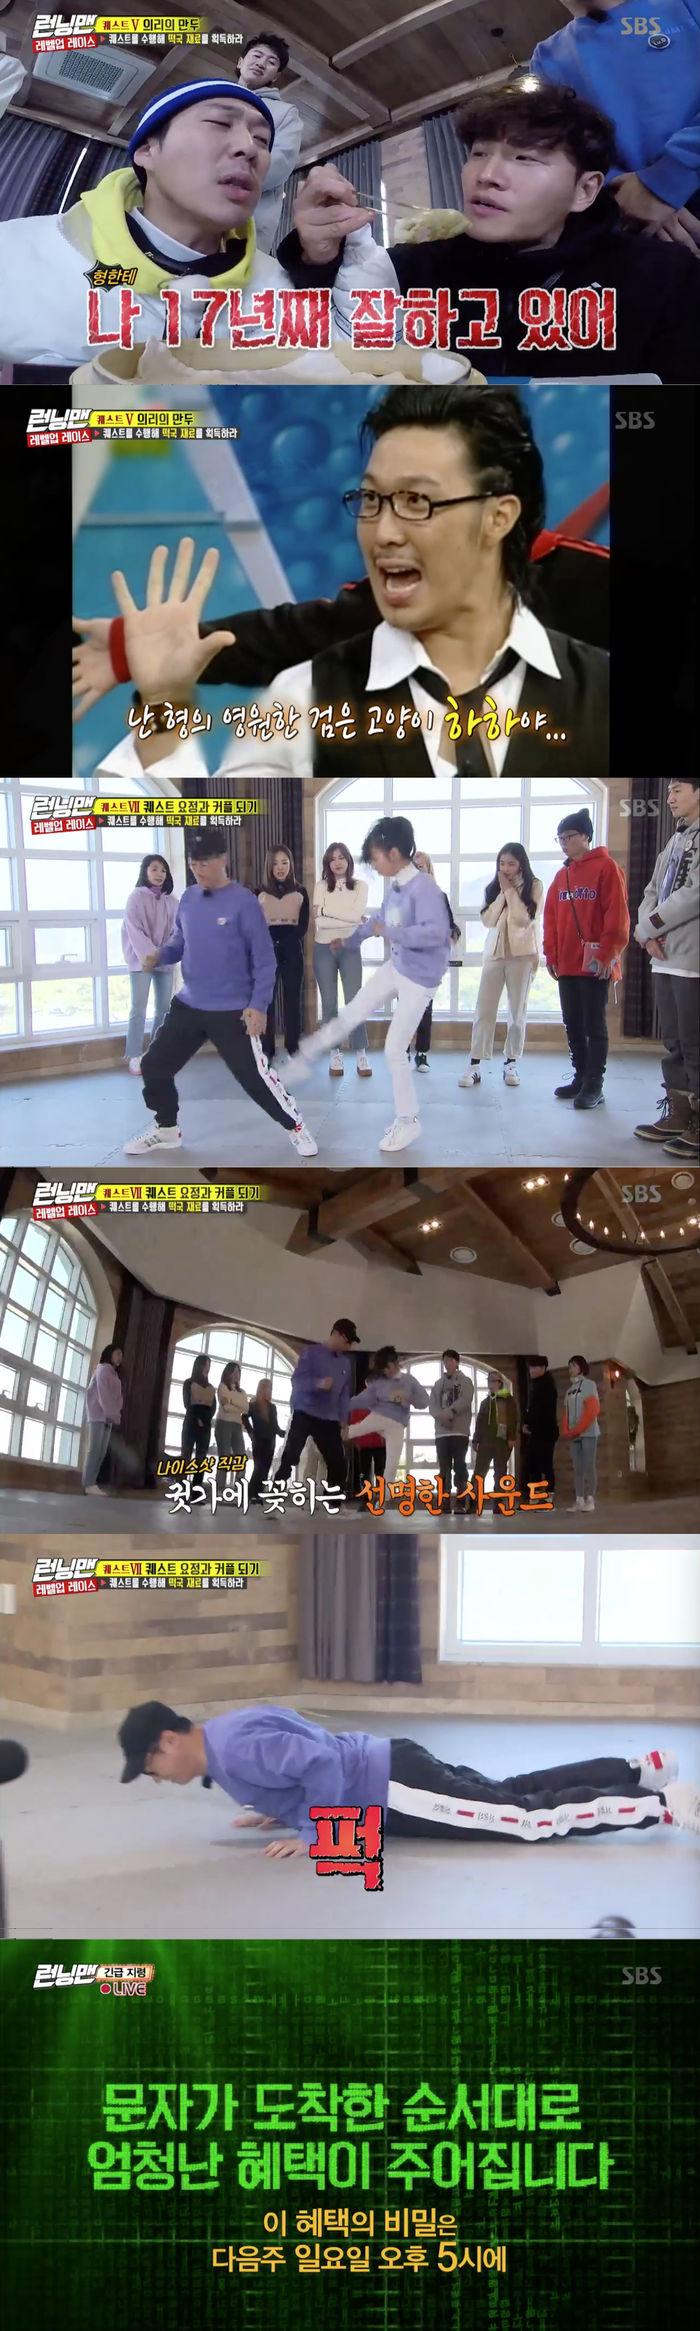 [스브스夜] '런닝맨' 유재석-하하-양세찬, 새해 첫 레이스 꼴찌…완전체 에이핑크 '예능감' 폭발